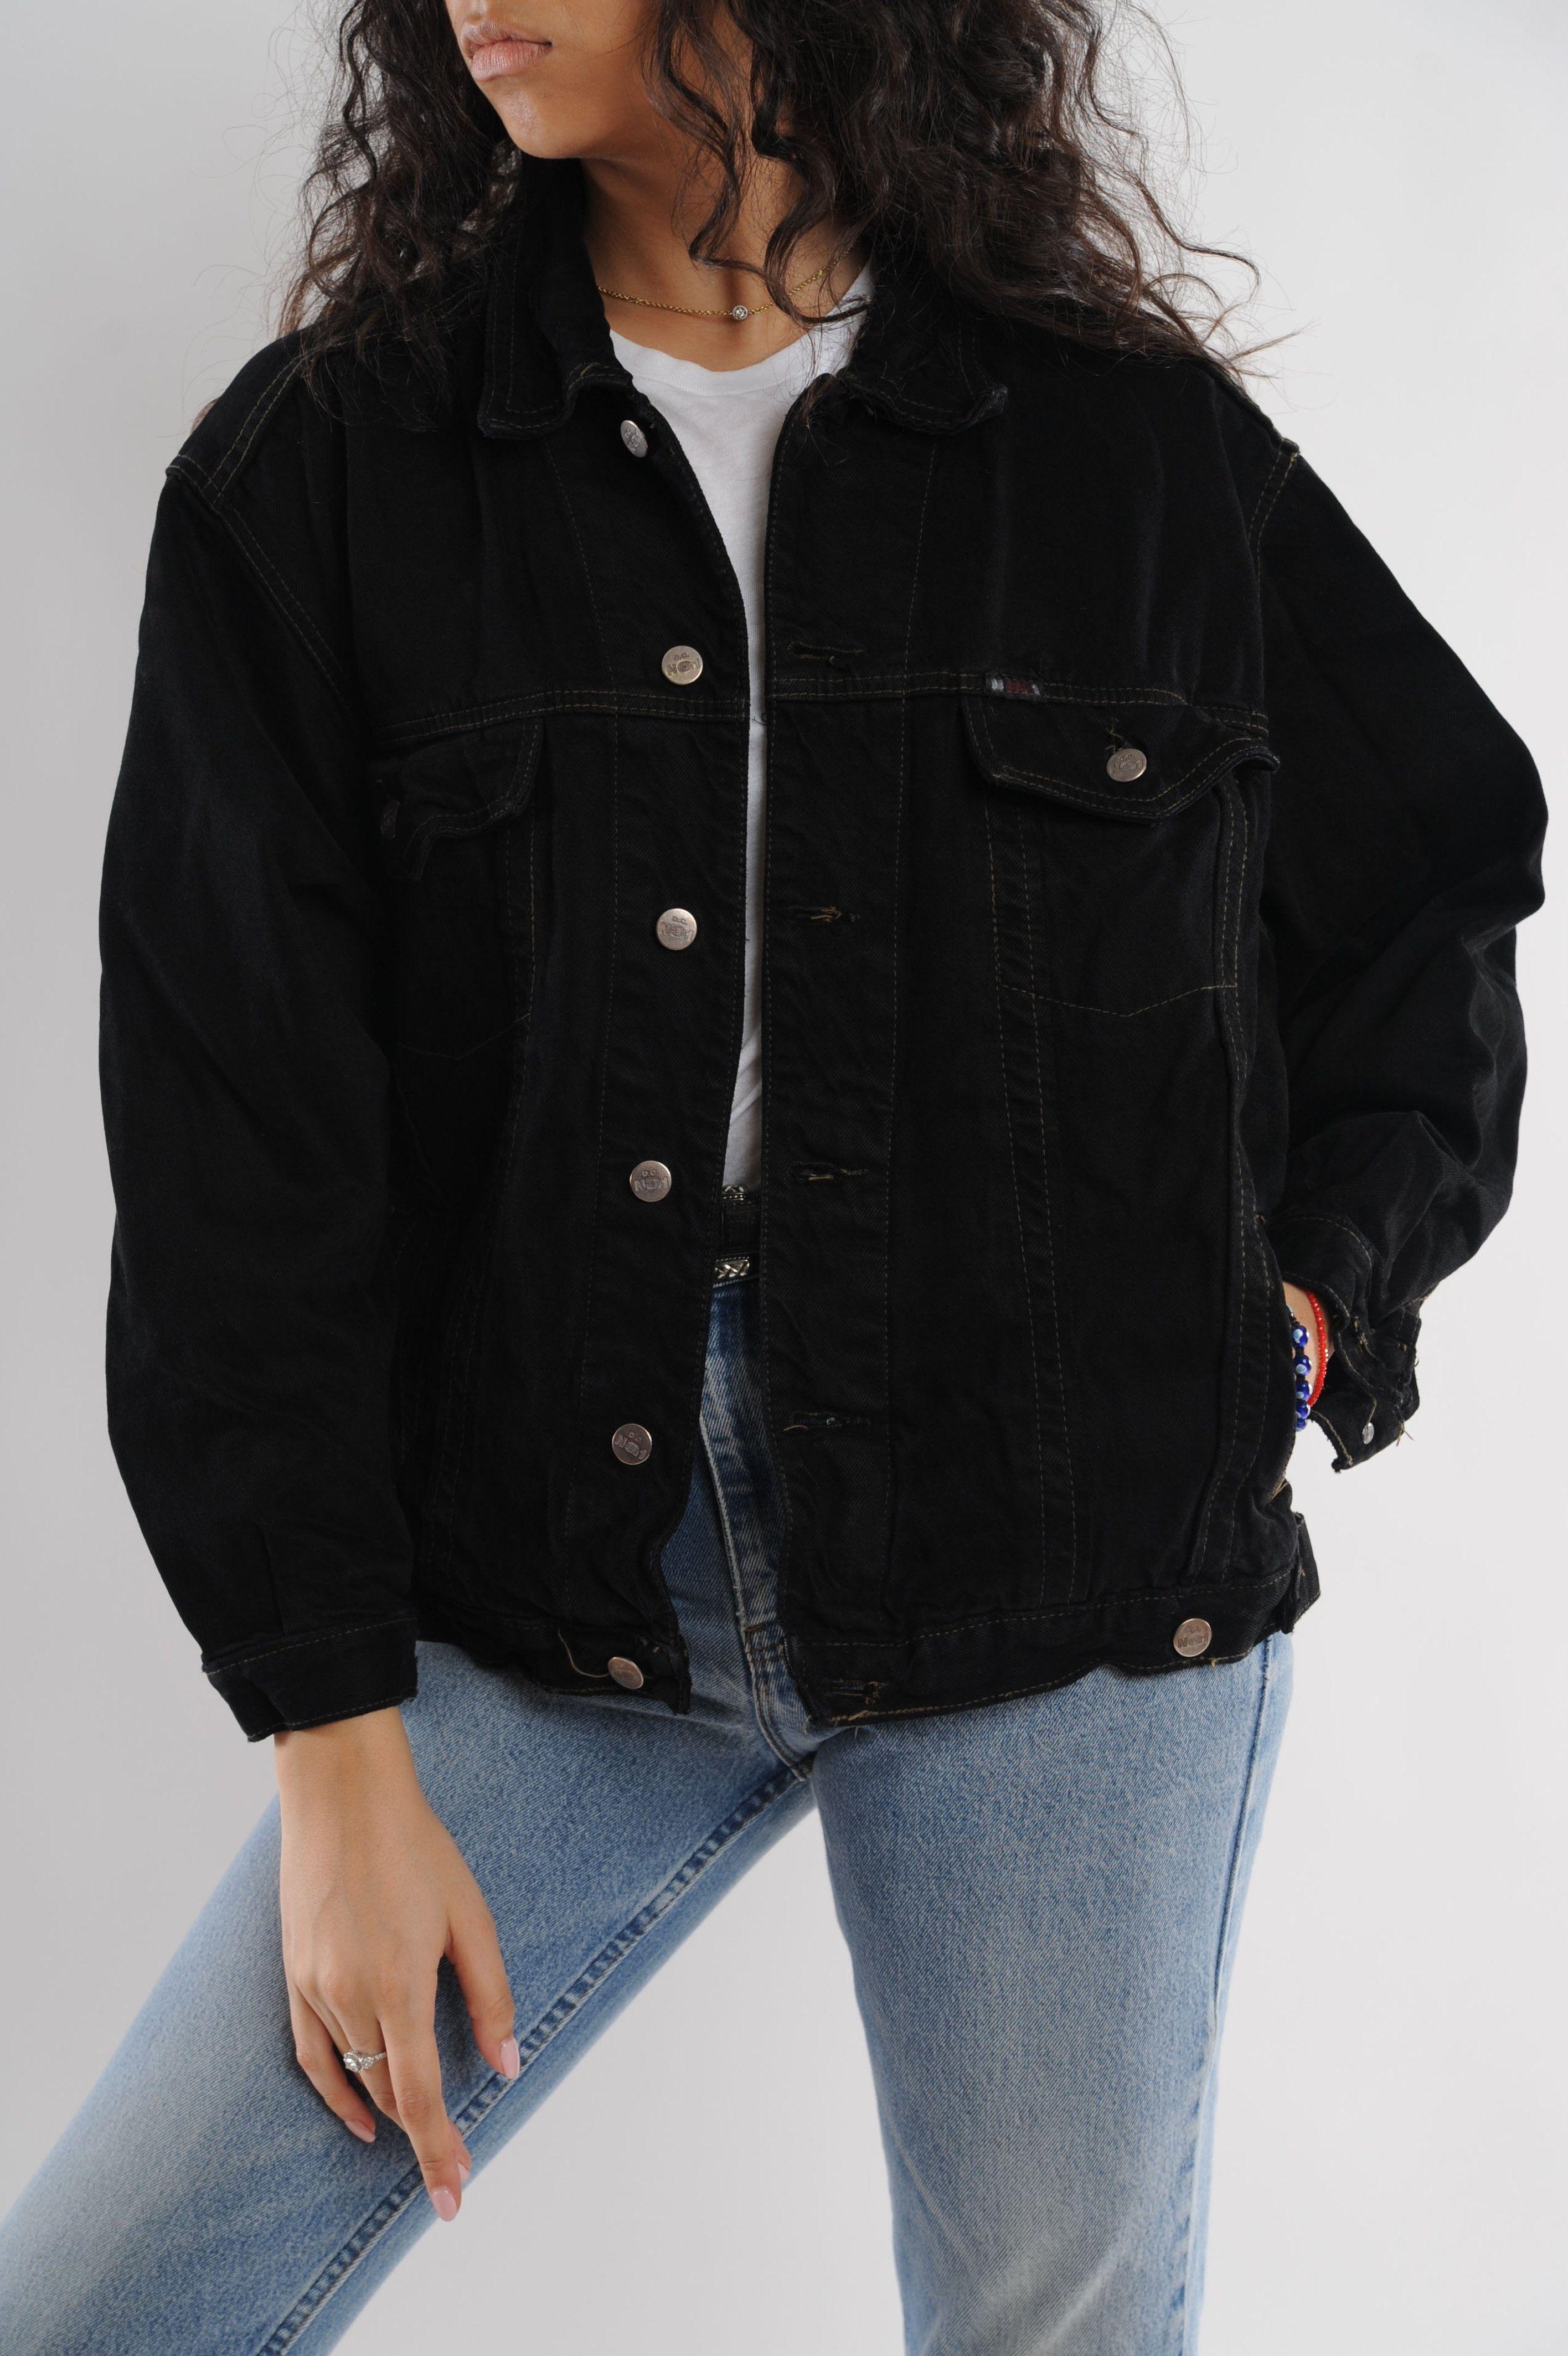 Black Denim Jacket Black Denim Jacket Outfit Black Denim Jacket Trendy Jackets [ 4255 x 2832 Pixel ]